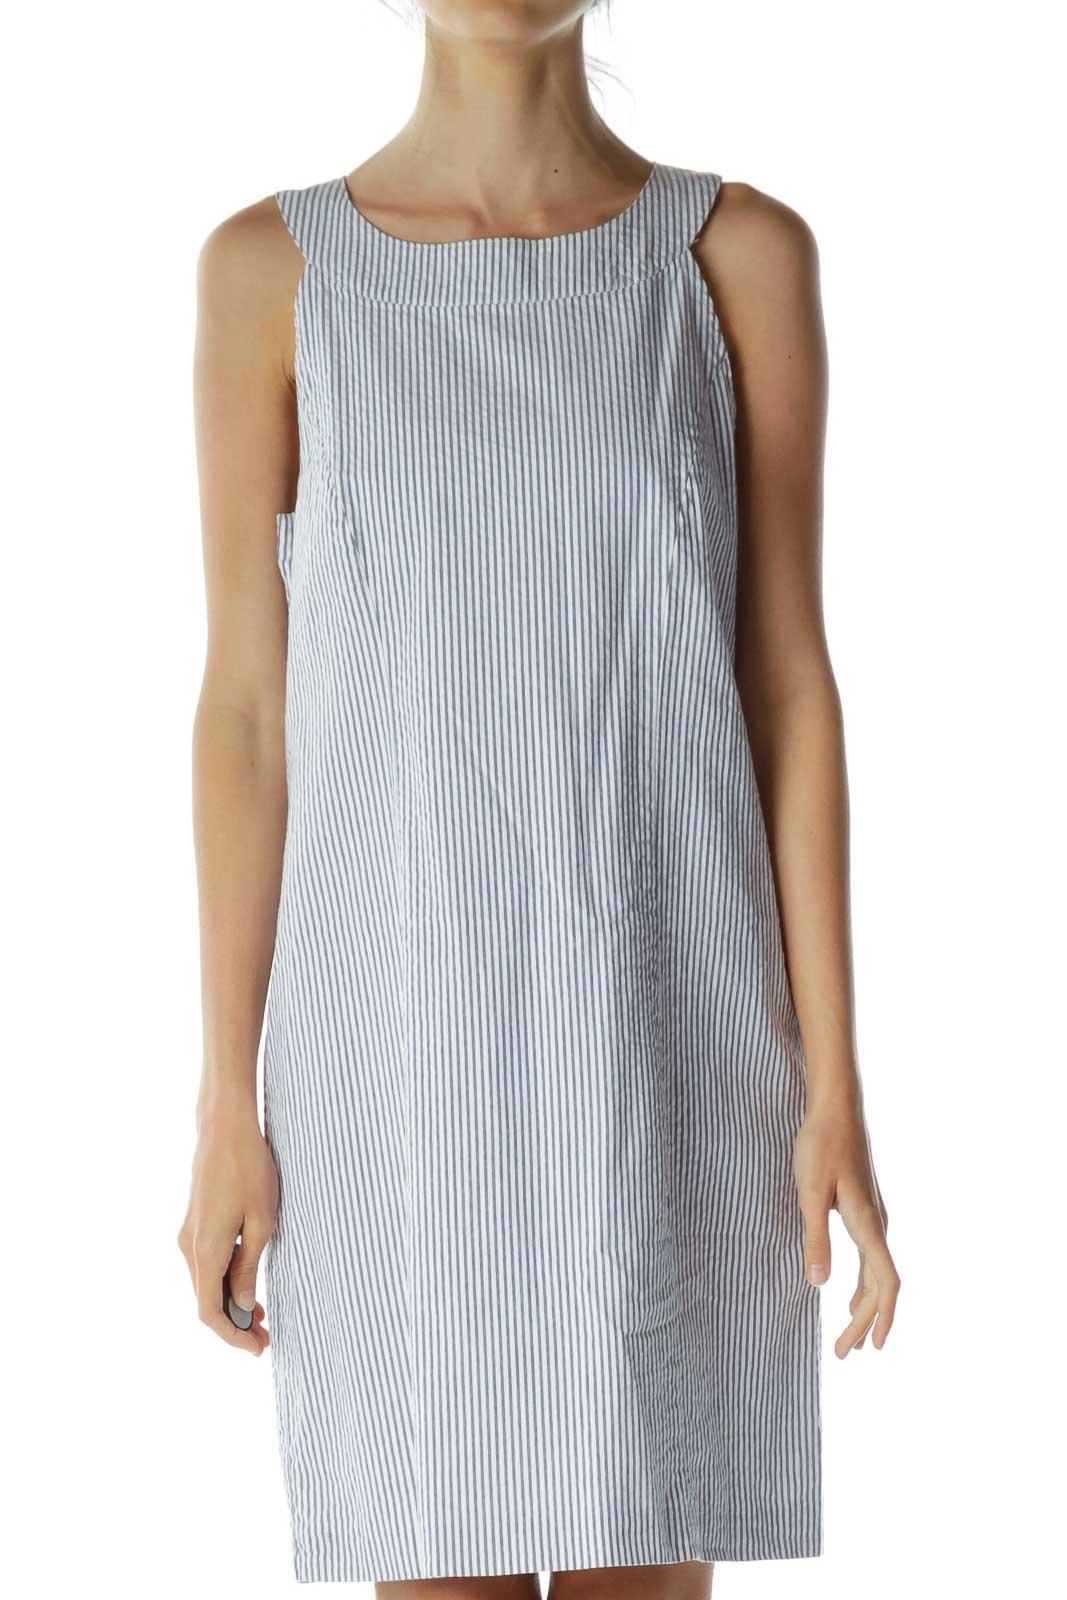 Blue White Pinstripe Shift Dress